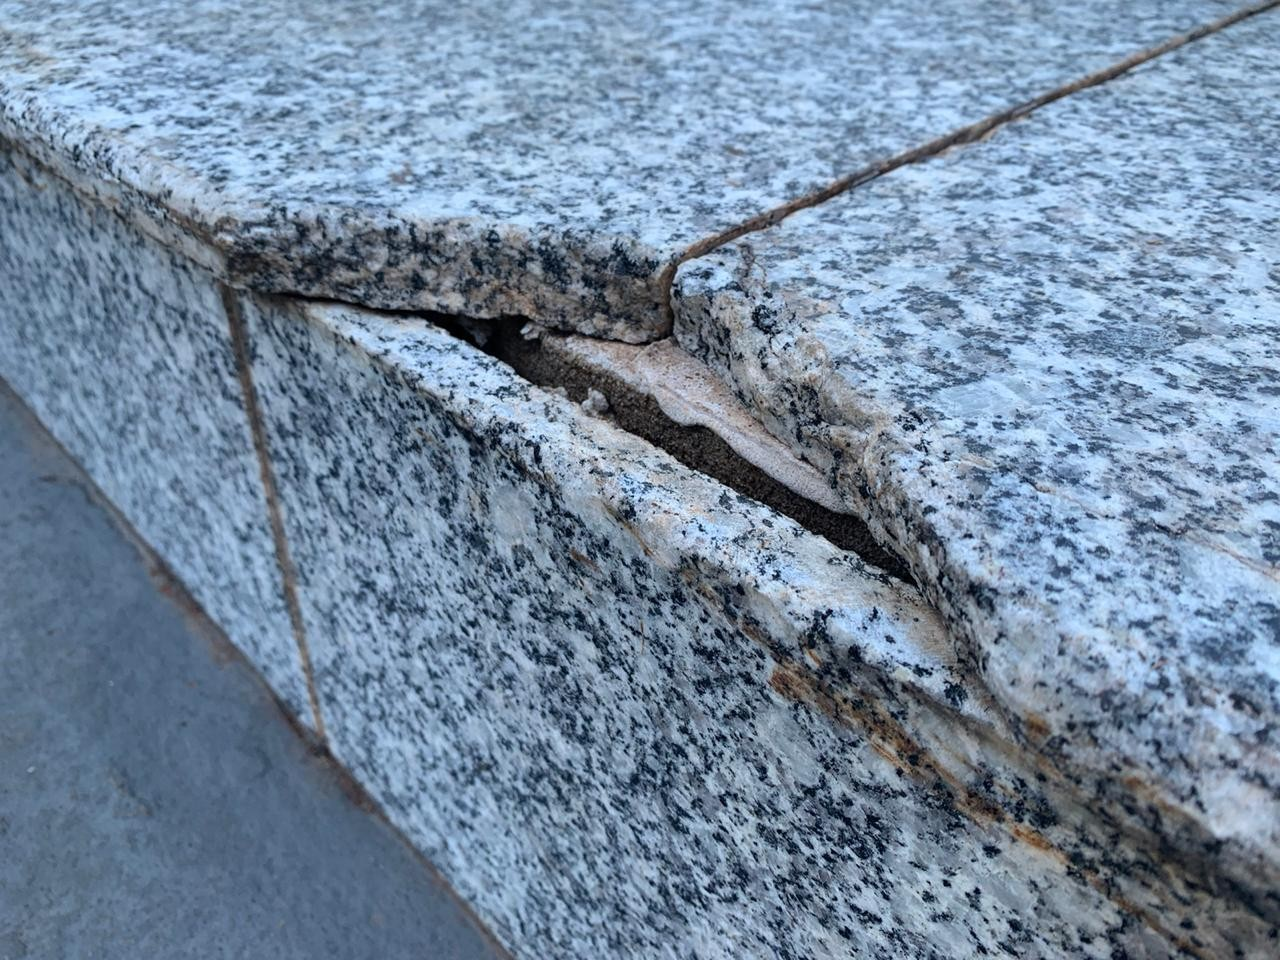 Granito quebrado pela prática de skate no local – Foto: Fábio Guillen/GMC Online